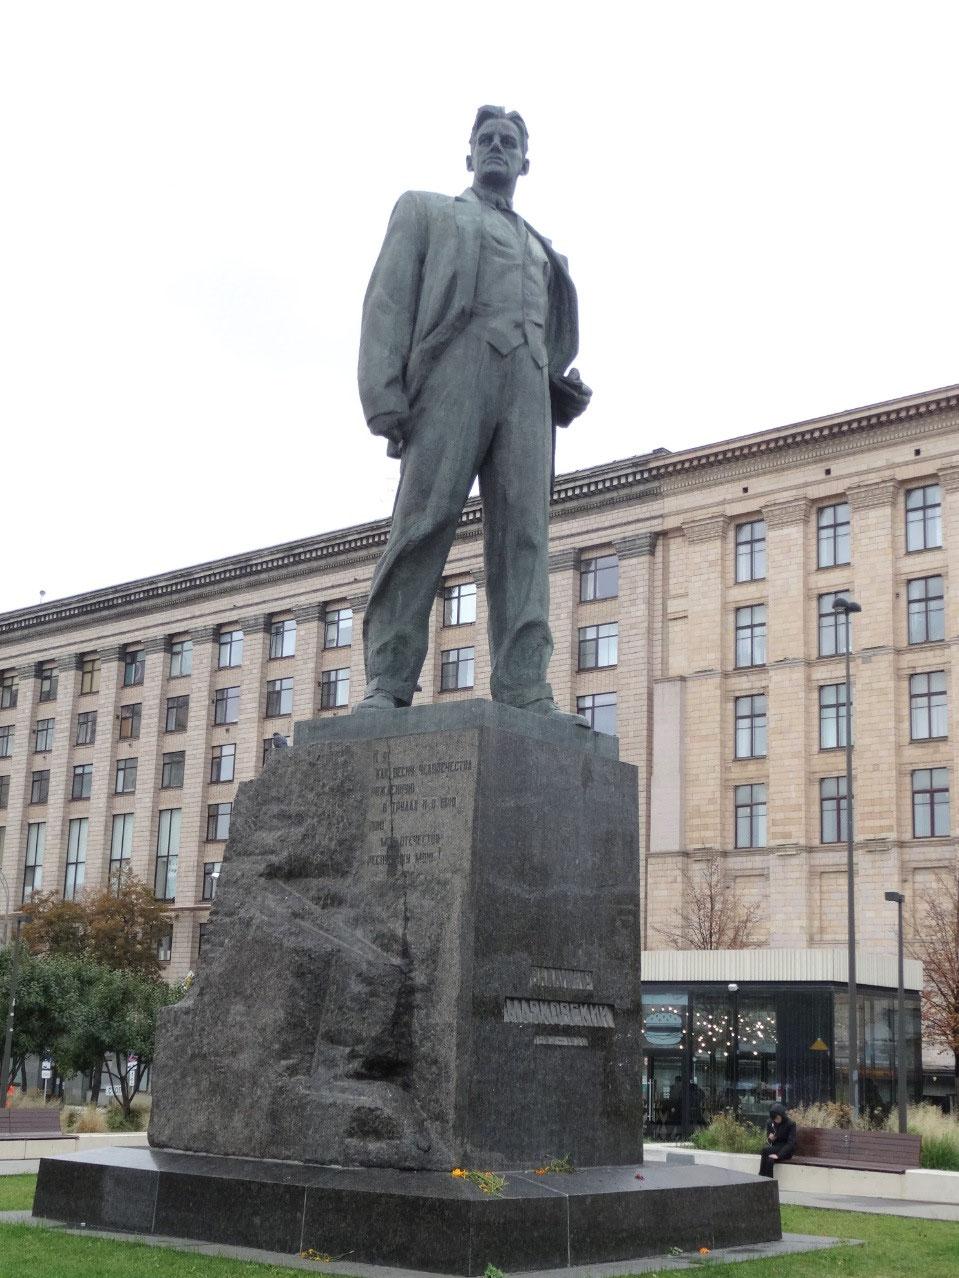 Mayakovsky statue